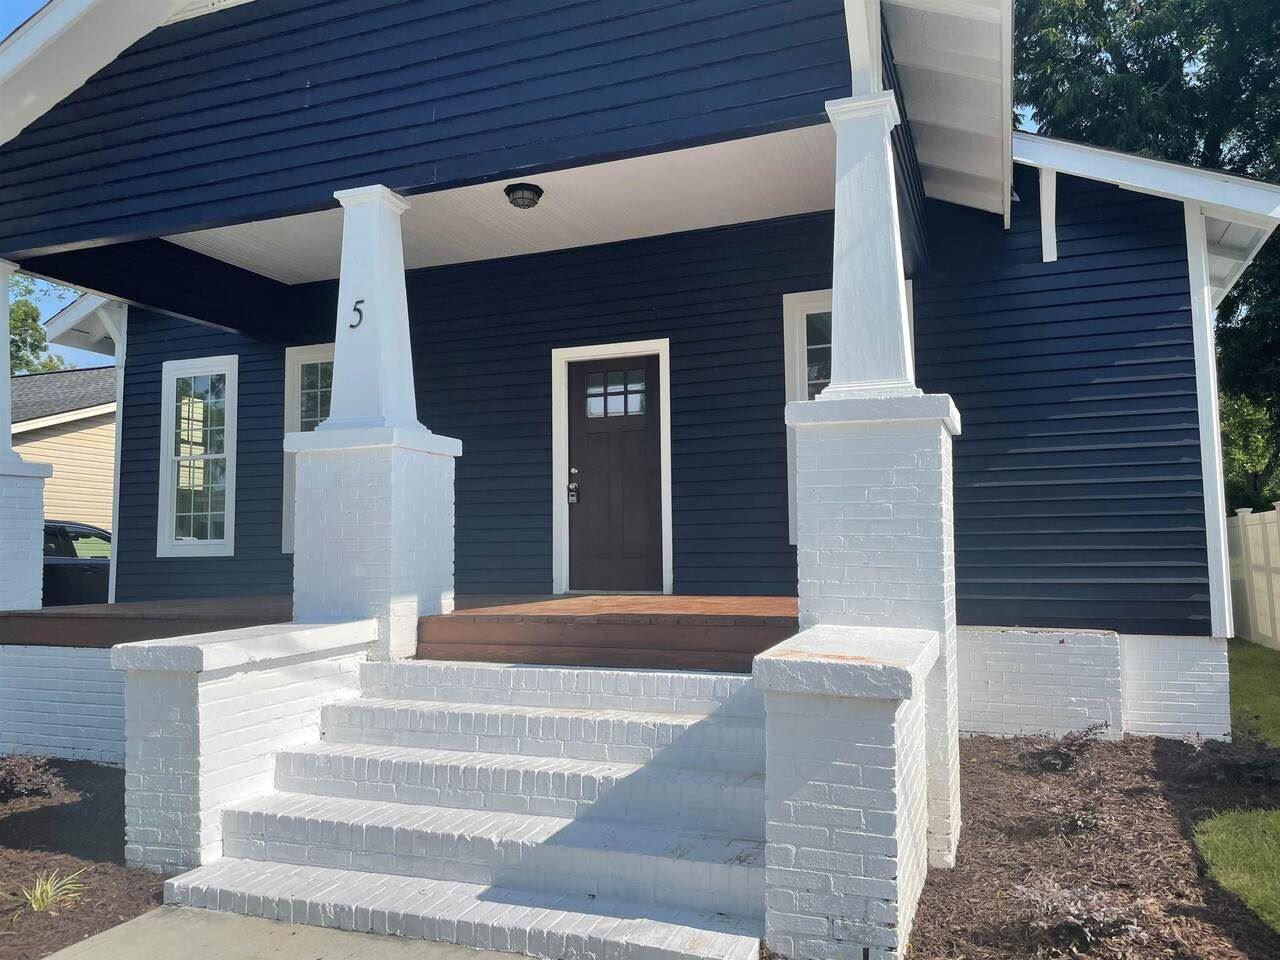 5 W Inman, Statesboro, GA 30458 - #: 9025711